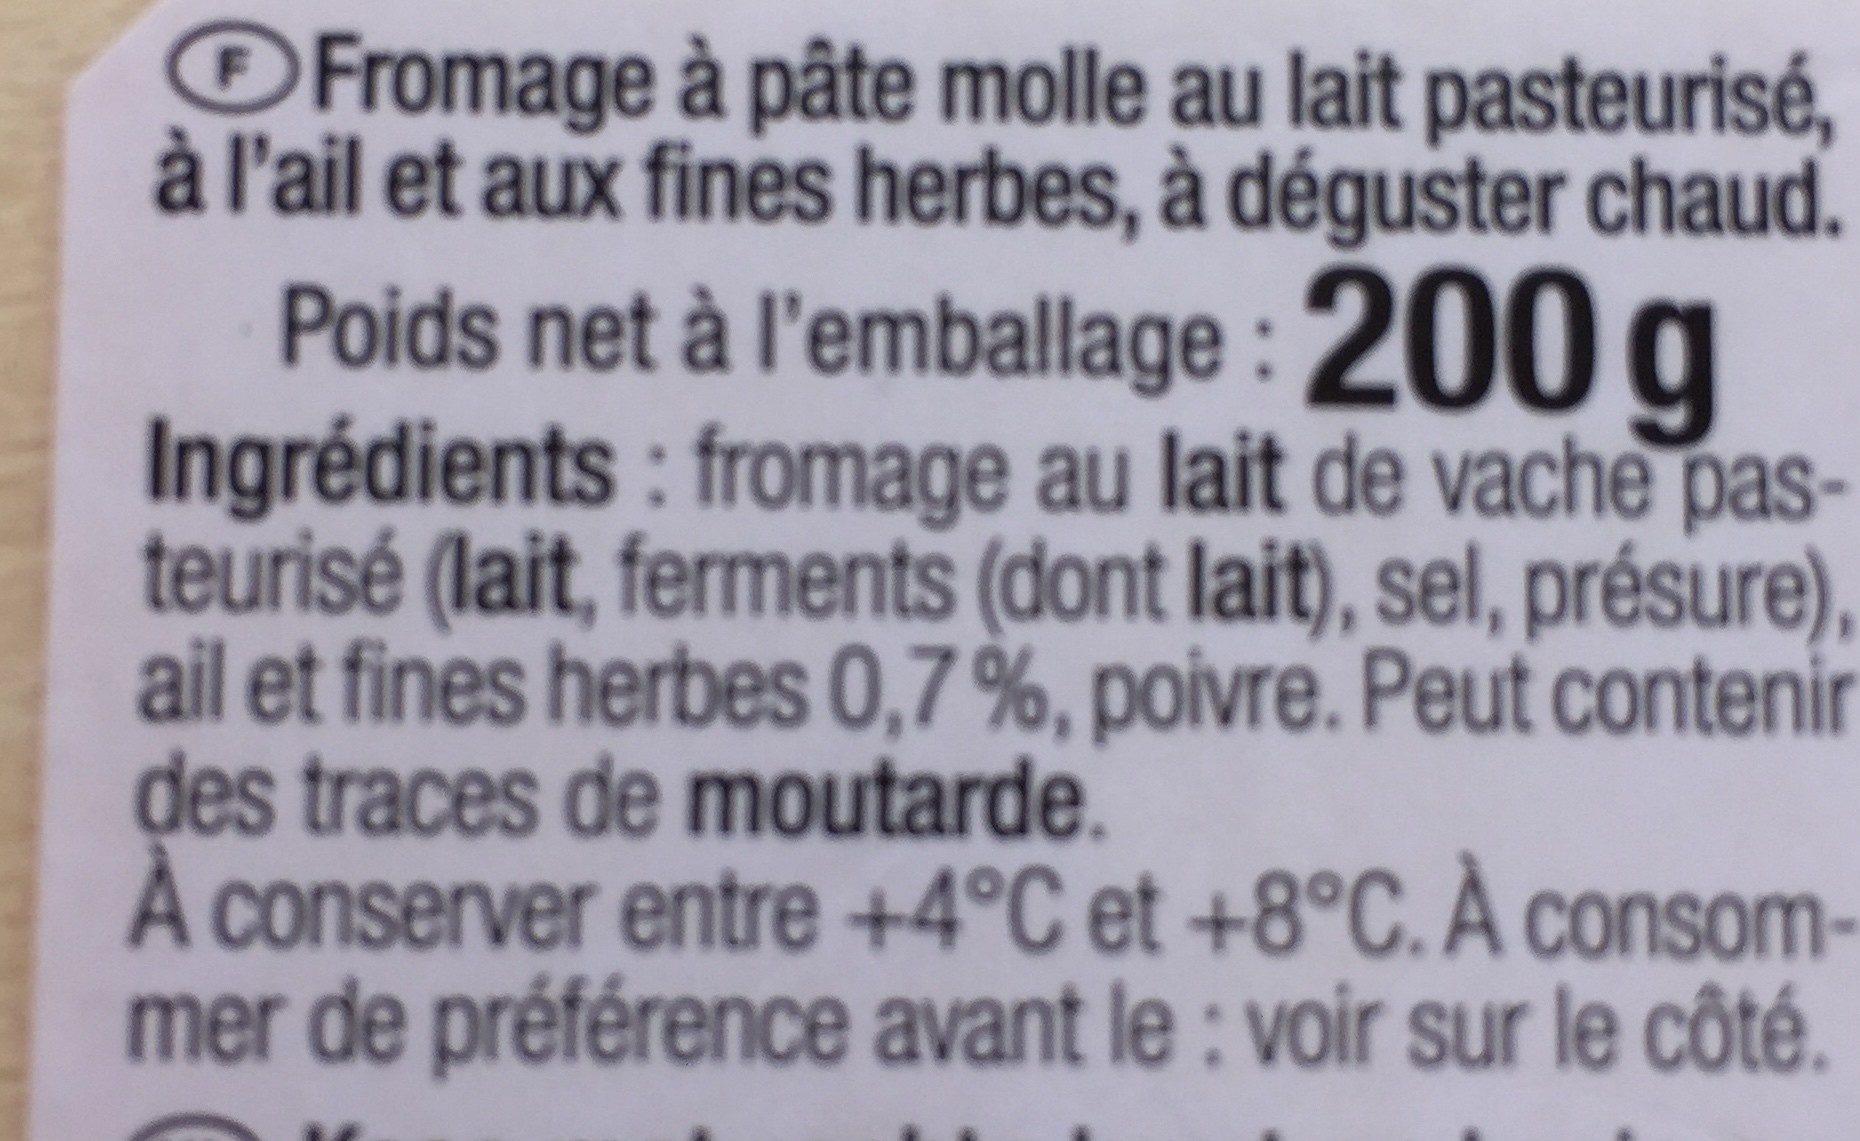 Bons Mayennais à chauffer et picorer Ail & fines herbes - 200 g - Ingrédients